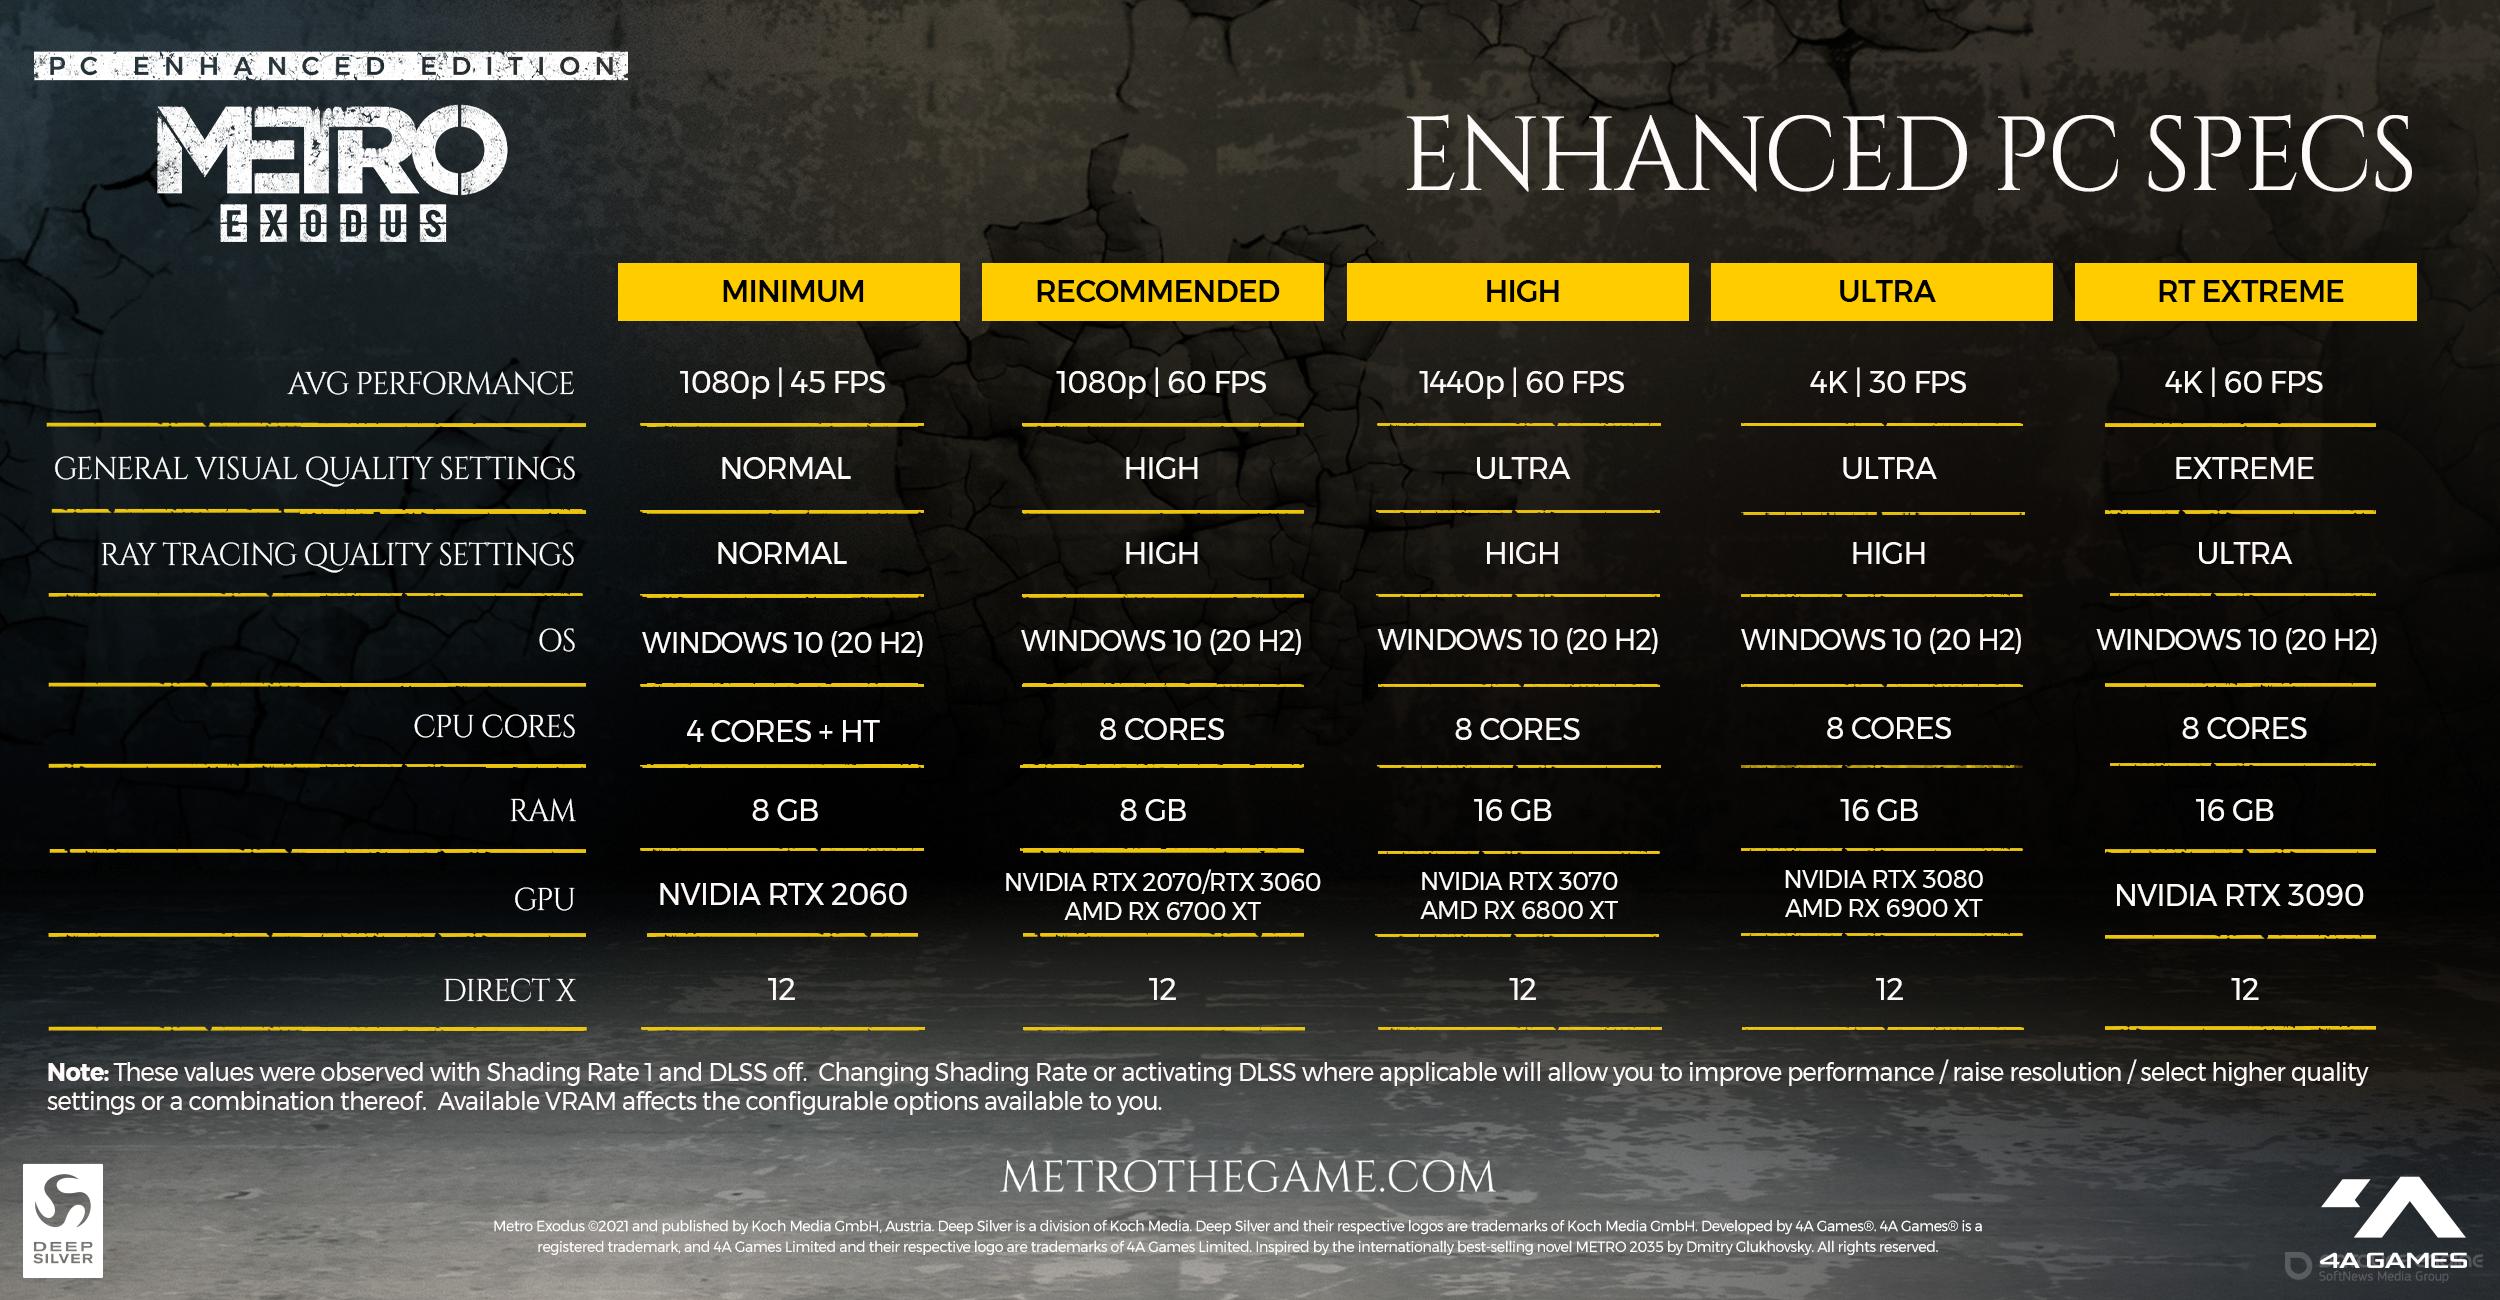 Скриншот к игре Metro: Exodus - Enhanced Edition v. 3.0.7.24 (46543) [GOG] (2019-2021) скачать торрент Лицензия